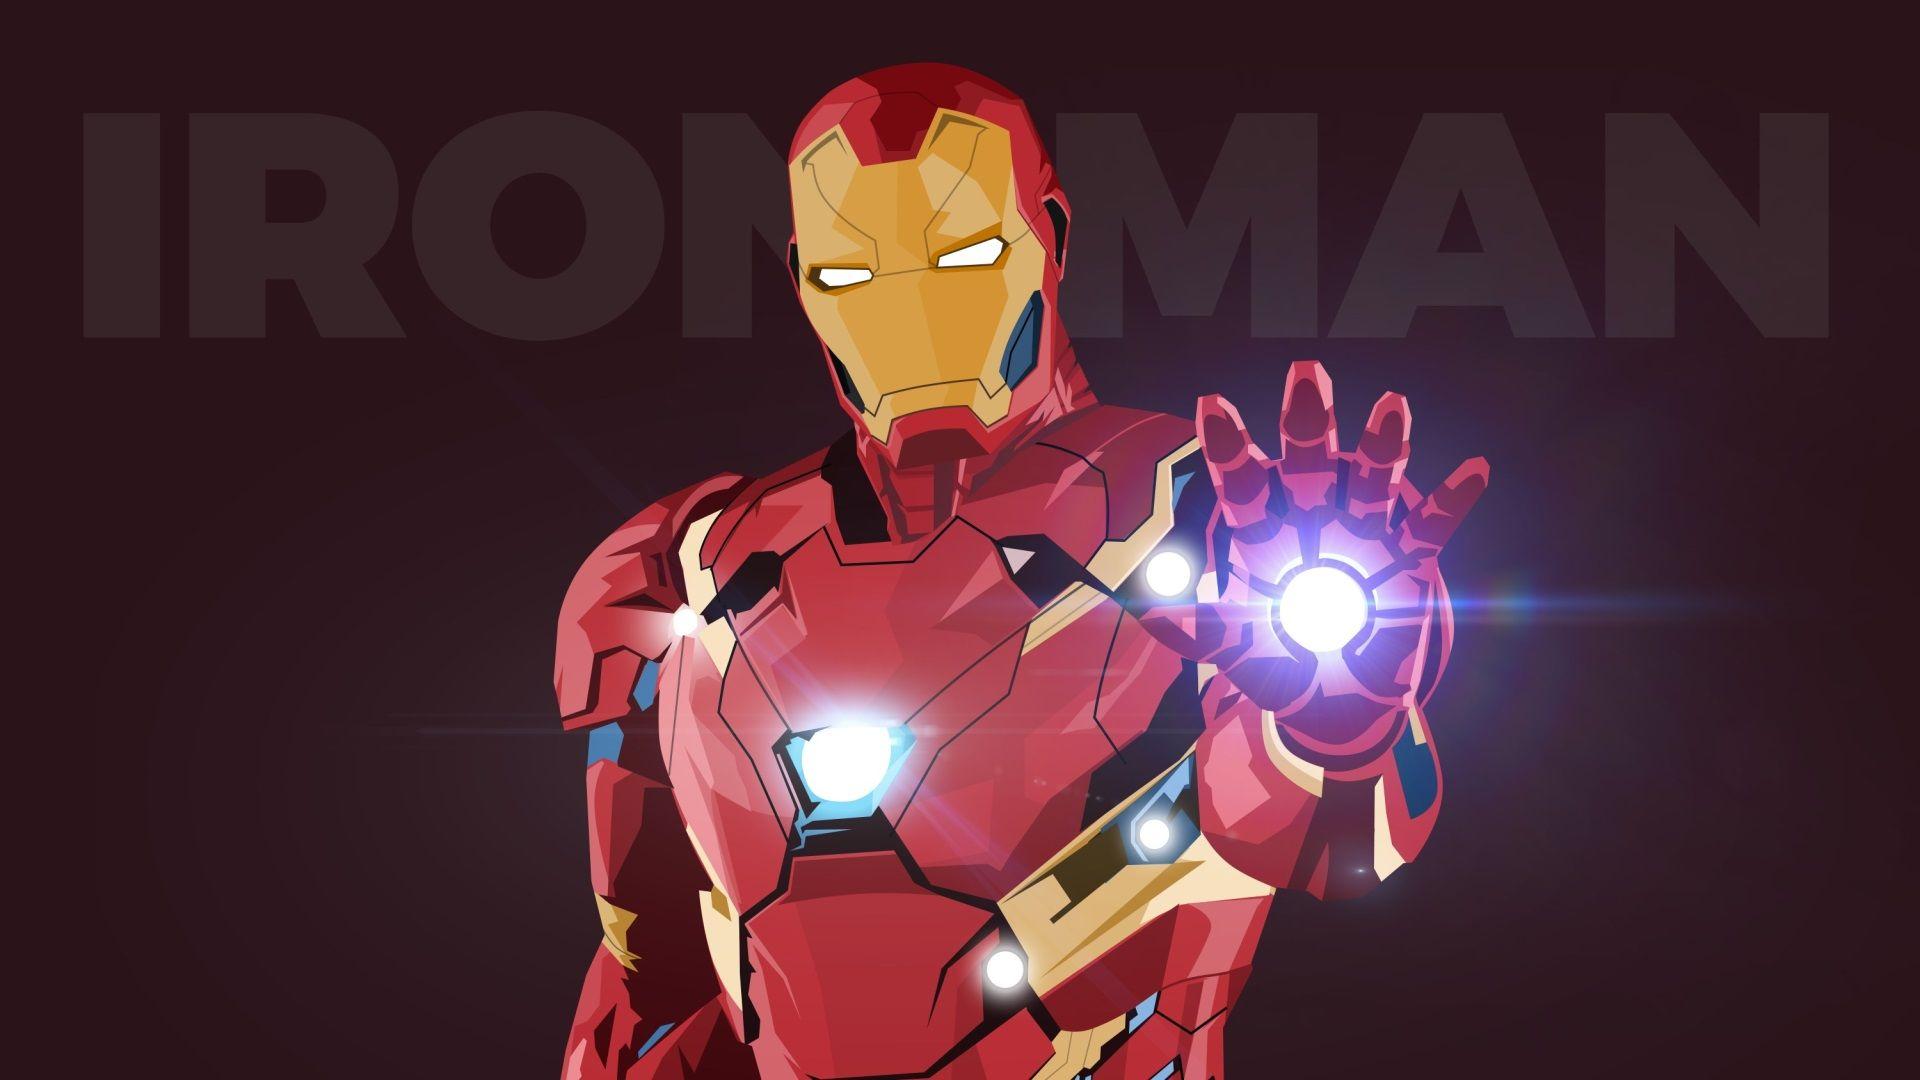 1920x1080 Iron Man Desktop Wallpaper Cool Iron Man Iron Man